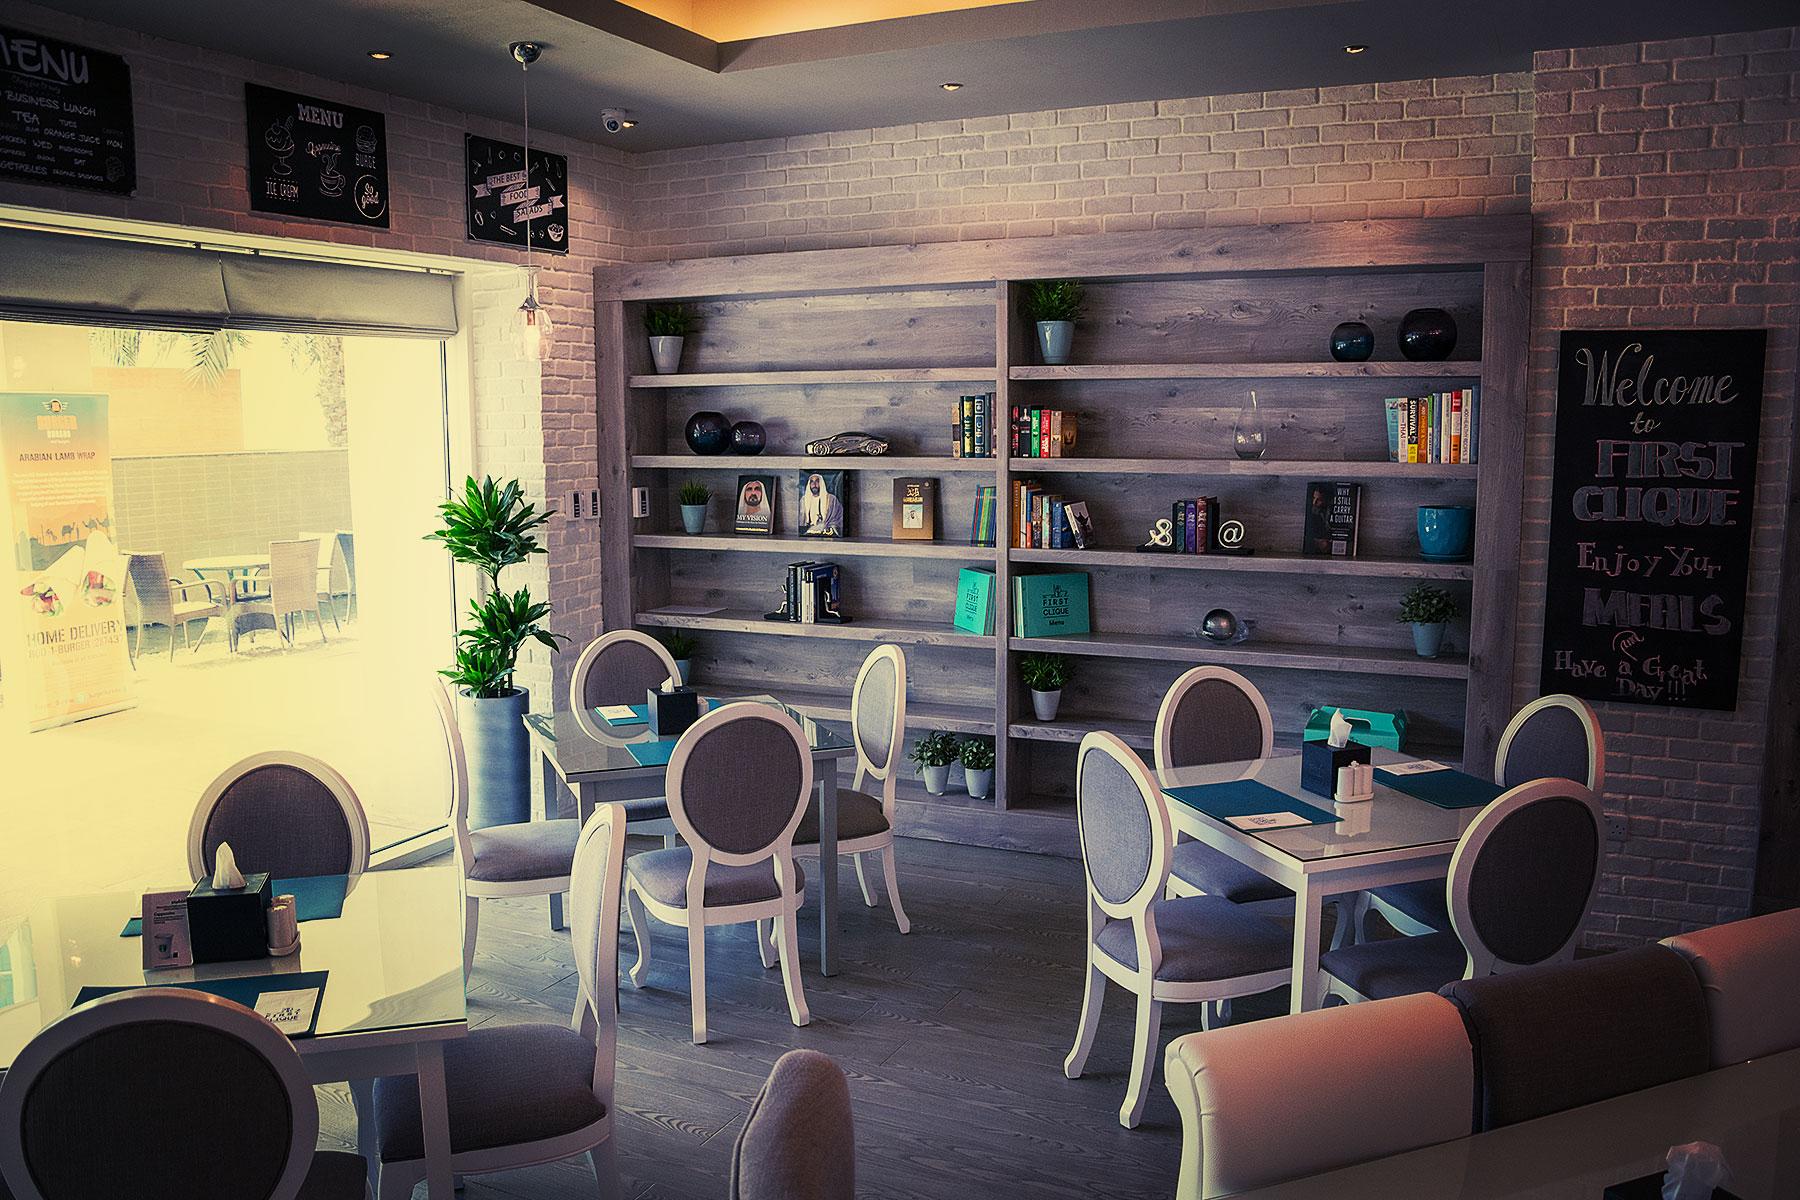 First Clique Cafe' & Restaurant